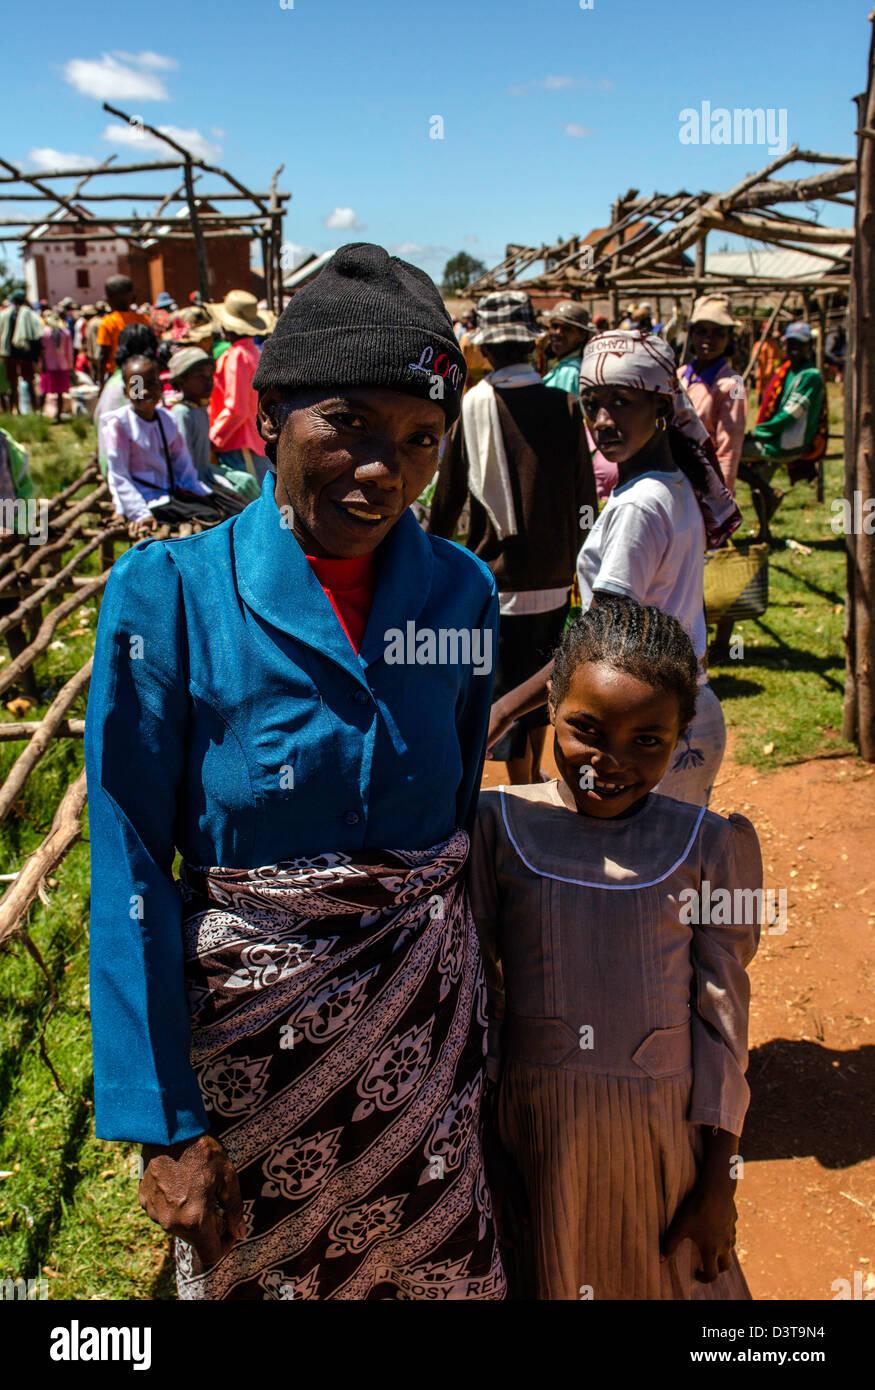 Indigenous people colourful traditional market Highland Madagascar - Stock Image